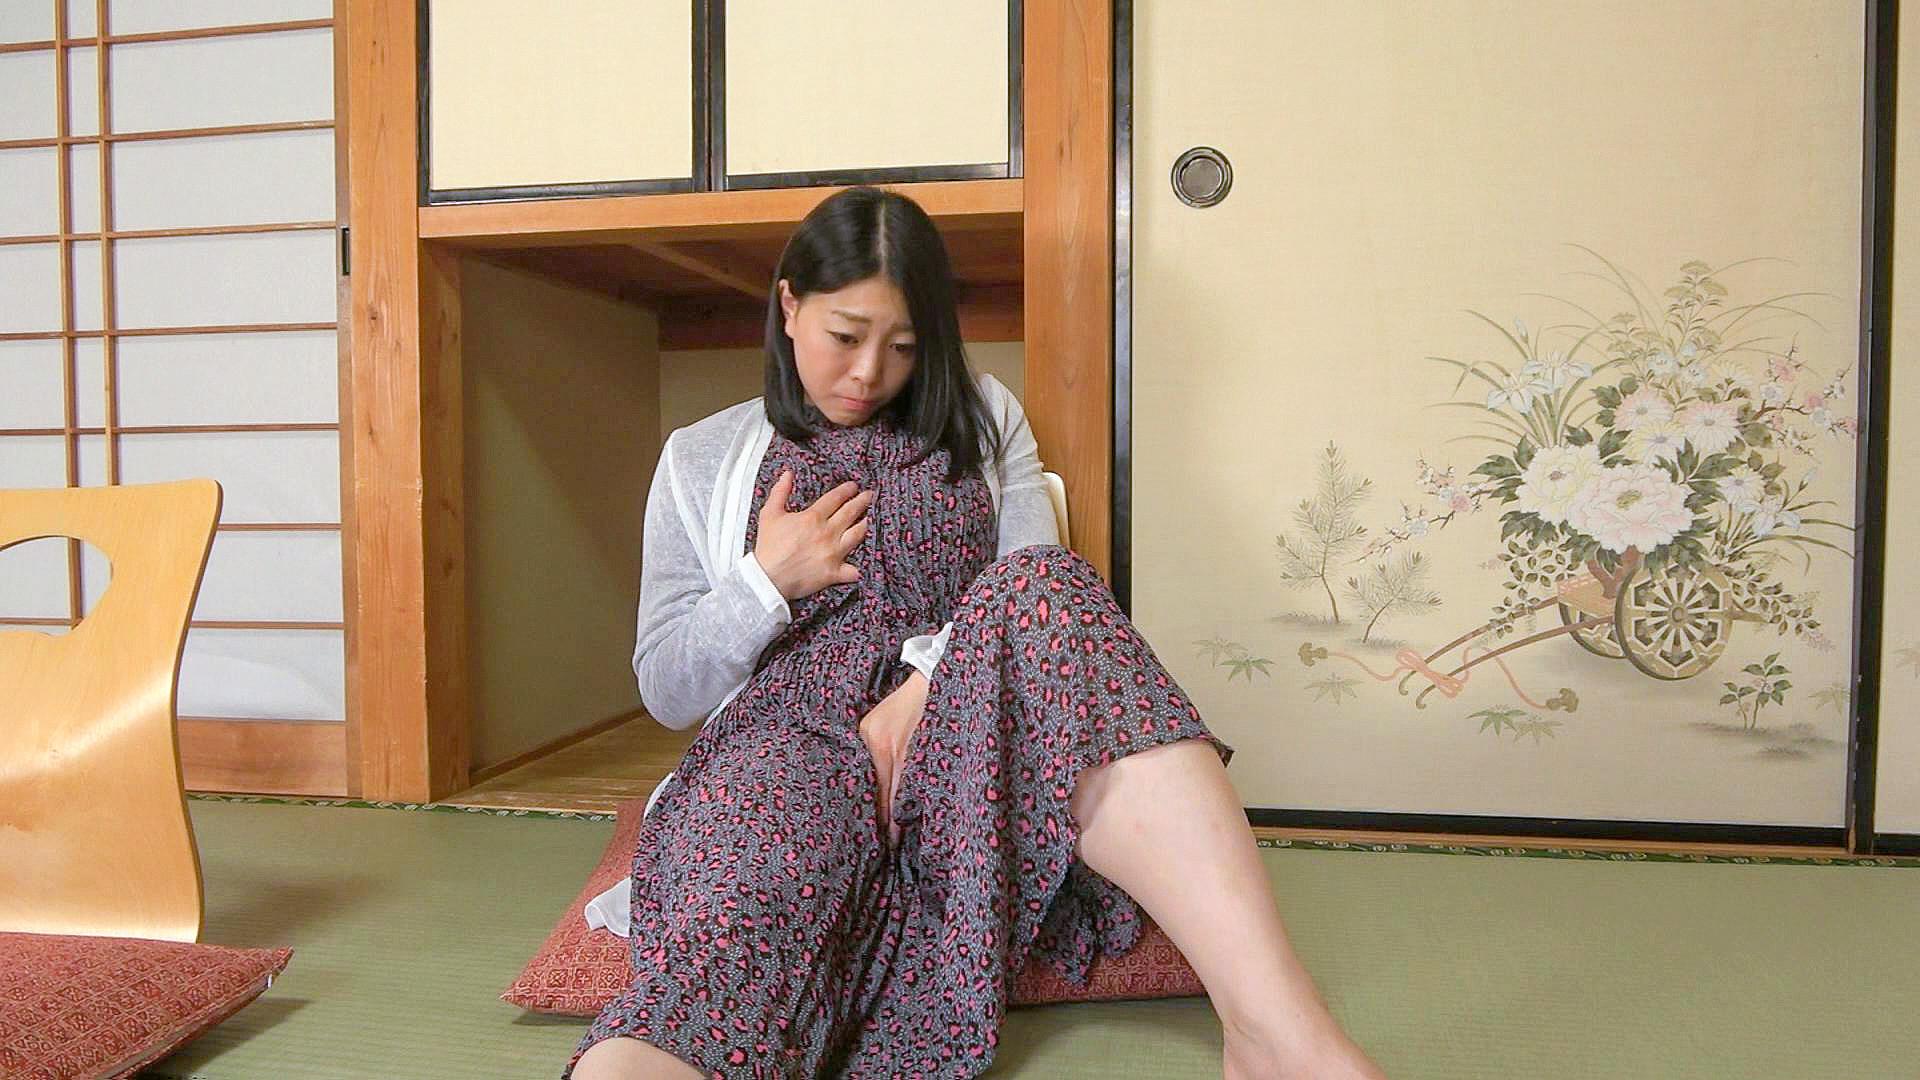 巨乳人妻温泉デート おっとりマイペースな清純人妻Jカップ 茜 28歳